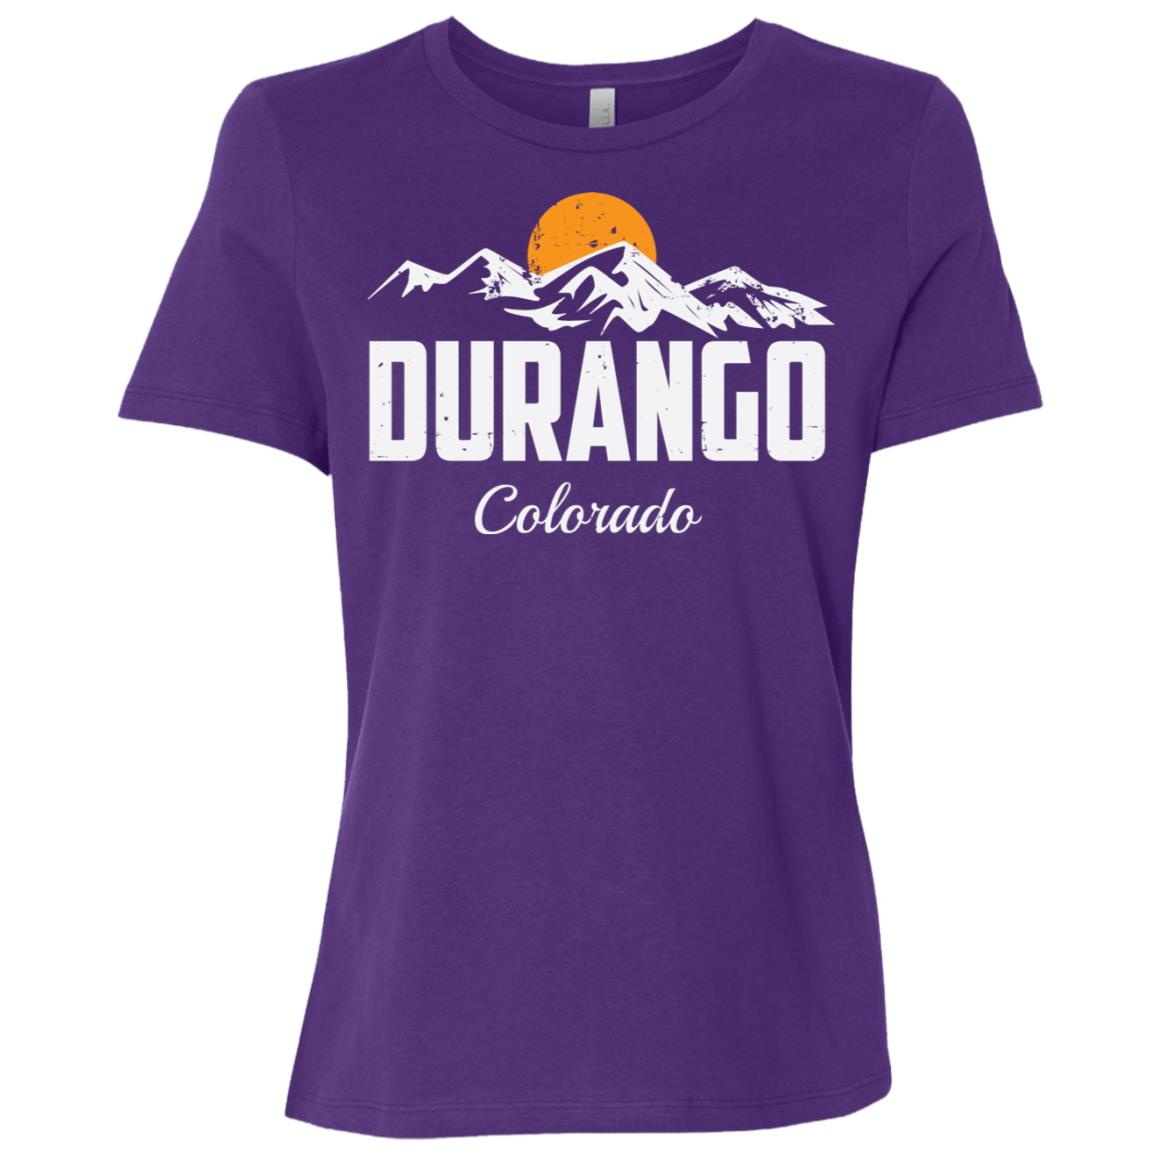 Durango Colorado Mountain Hiking Women Short Sleeve T-Shirt